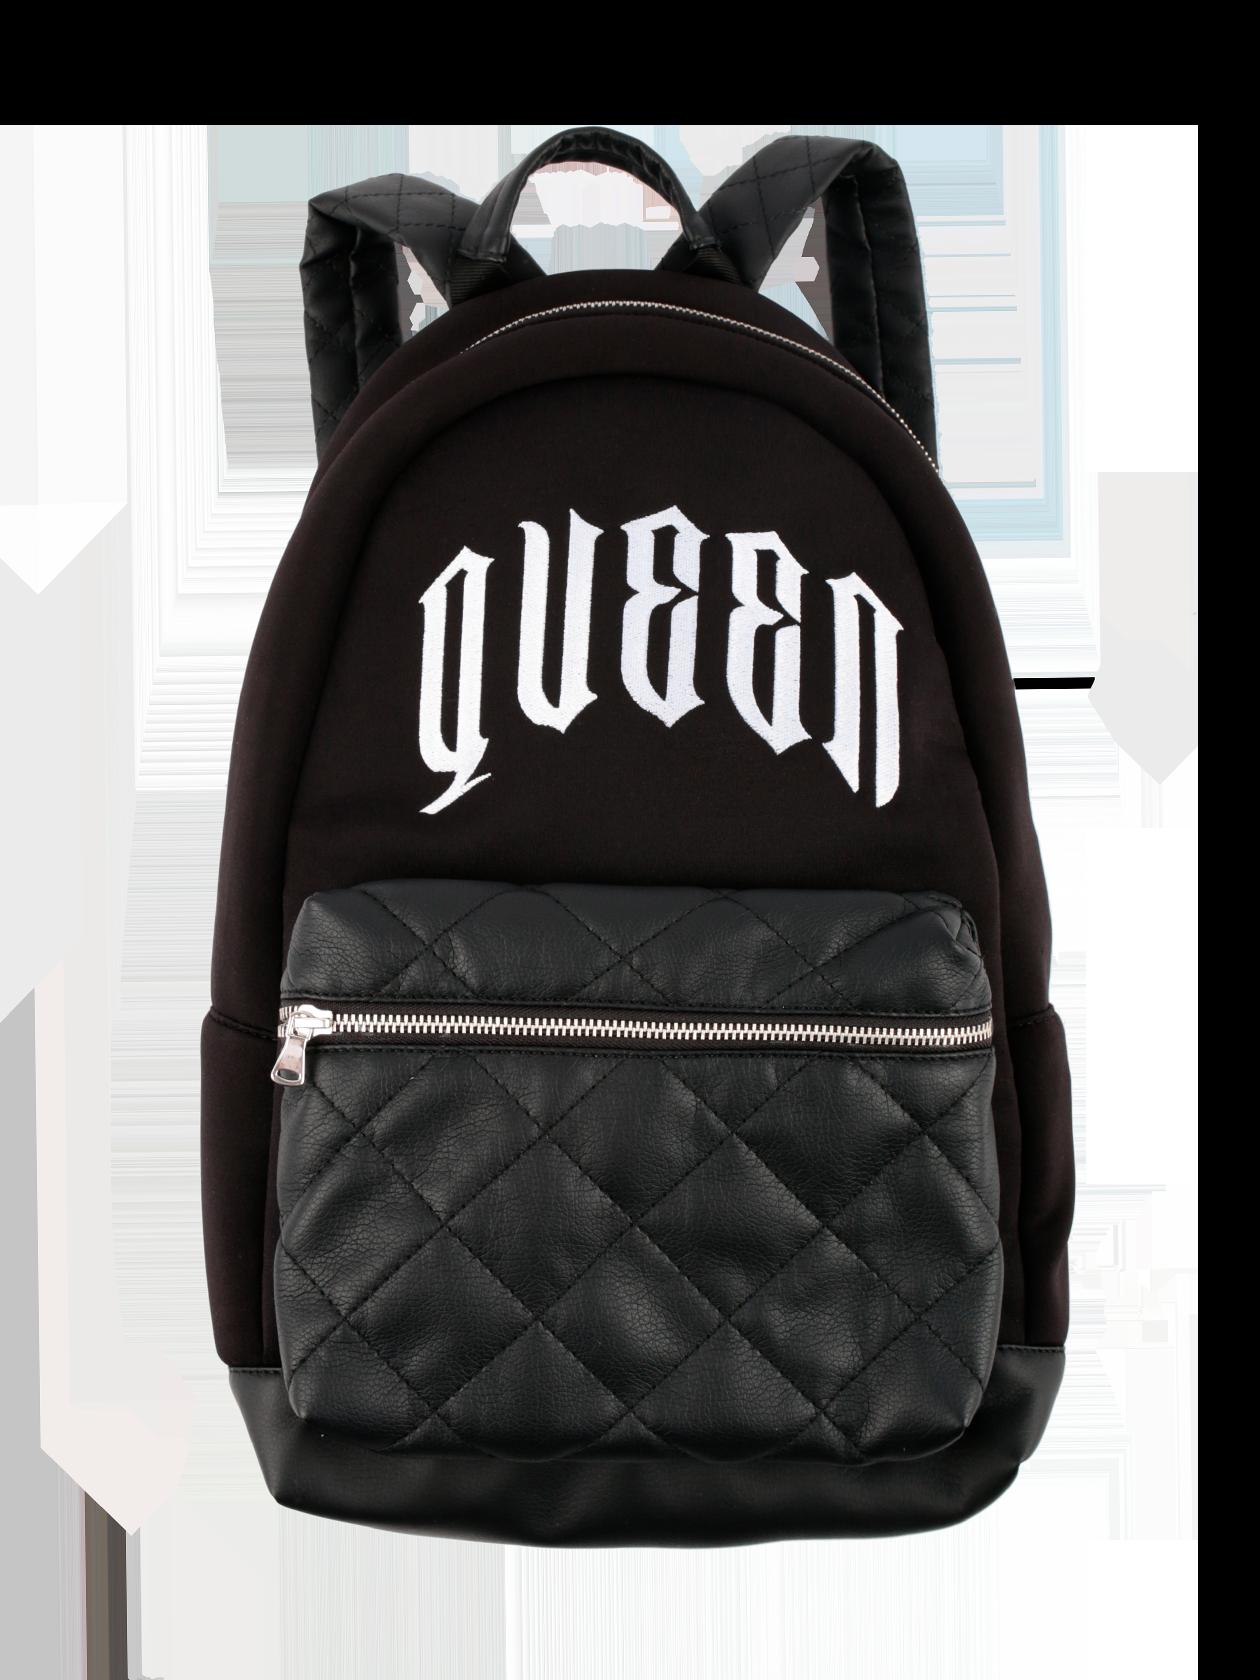 Рюкзак унисекс QUEEN 13Рюкзак унисекс Queen 13 от Black Star Wear – отличное решение для активных молодых людей. Удобная и вместительная модель с одним большим отсеком на молнии и небольшими боковыми карманами для мелочей. Аксессуар изготовлен из современной износостойкой ткани в черном цвете. Передний накладной карман на молнии, широкие ремешки для ношения на спине и удобная ручка выполнены из высококачественного кожаного материала, стеганного крупными ромбами. Дно изделия оформлено практичной кожей. Дизайн дополнен стильной надписью крупными белыми буквами Queen.<br><br>Размер: Единый размер<br>Цвет: Черный<br>Пол: Унисекс